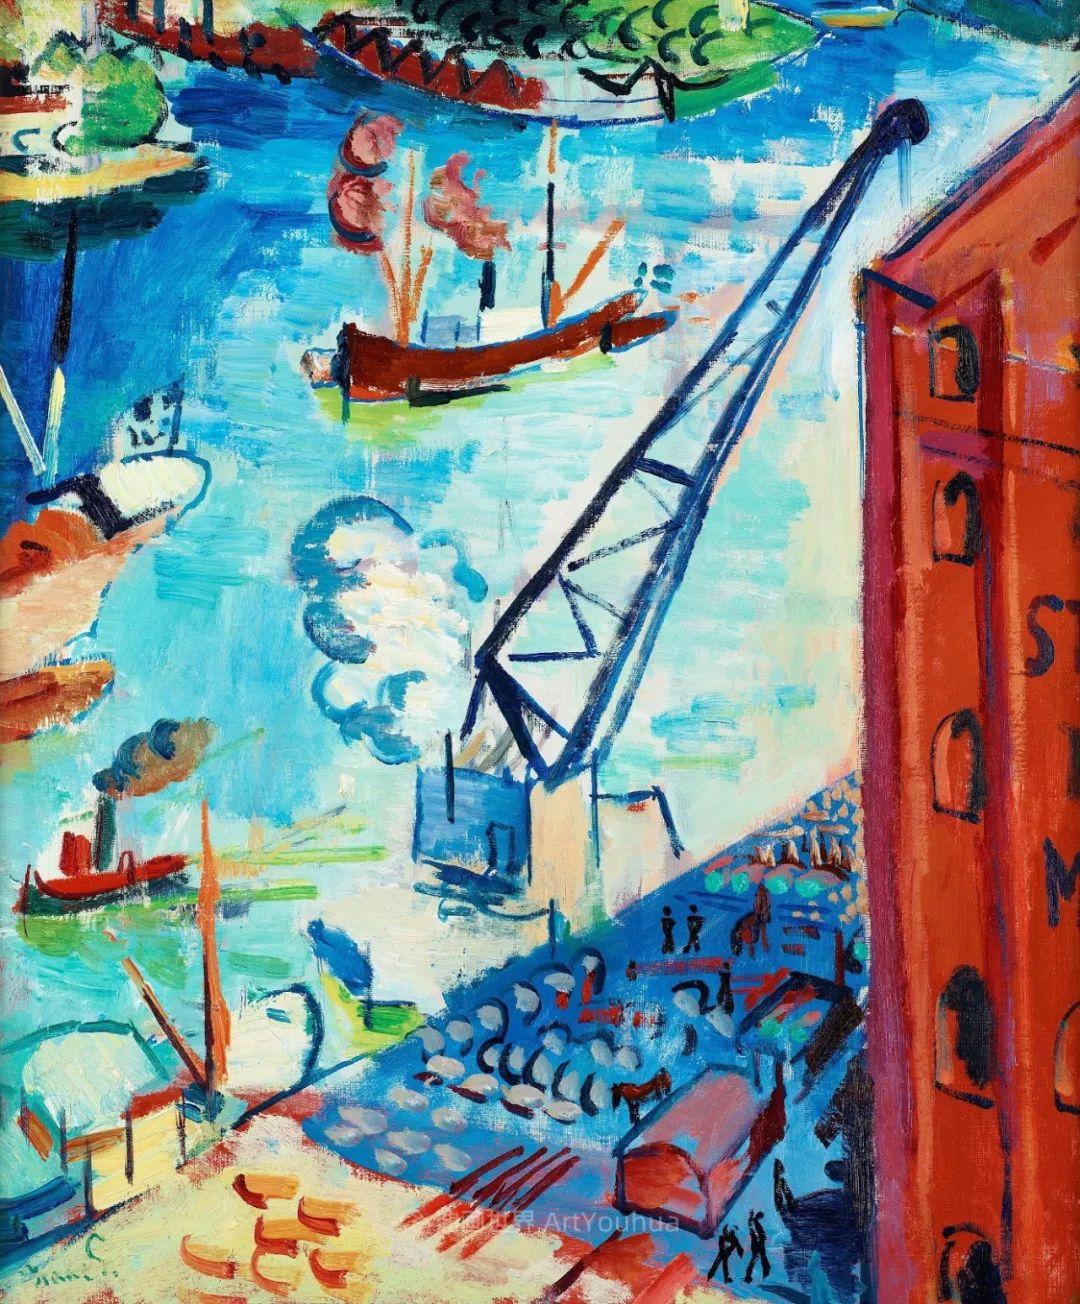 表现主义的色彩与笔触,第一代瑞典现代主义领军人物插图113